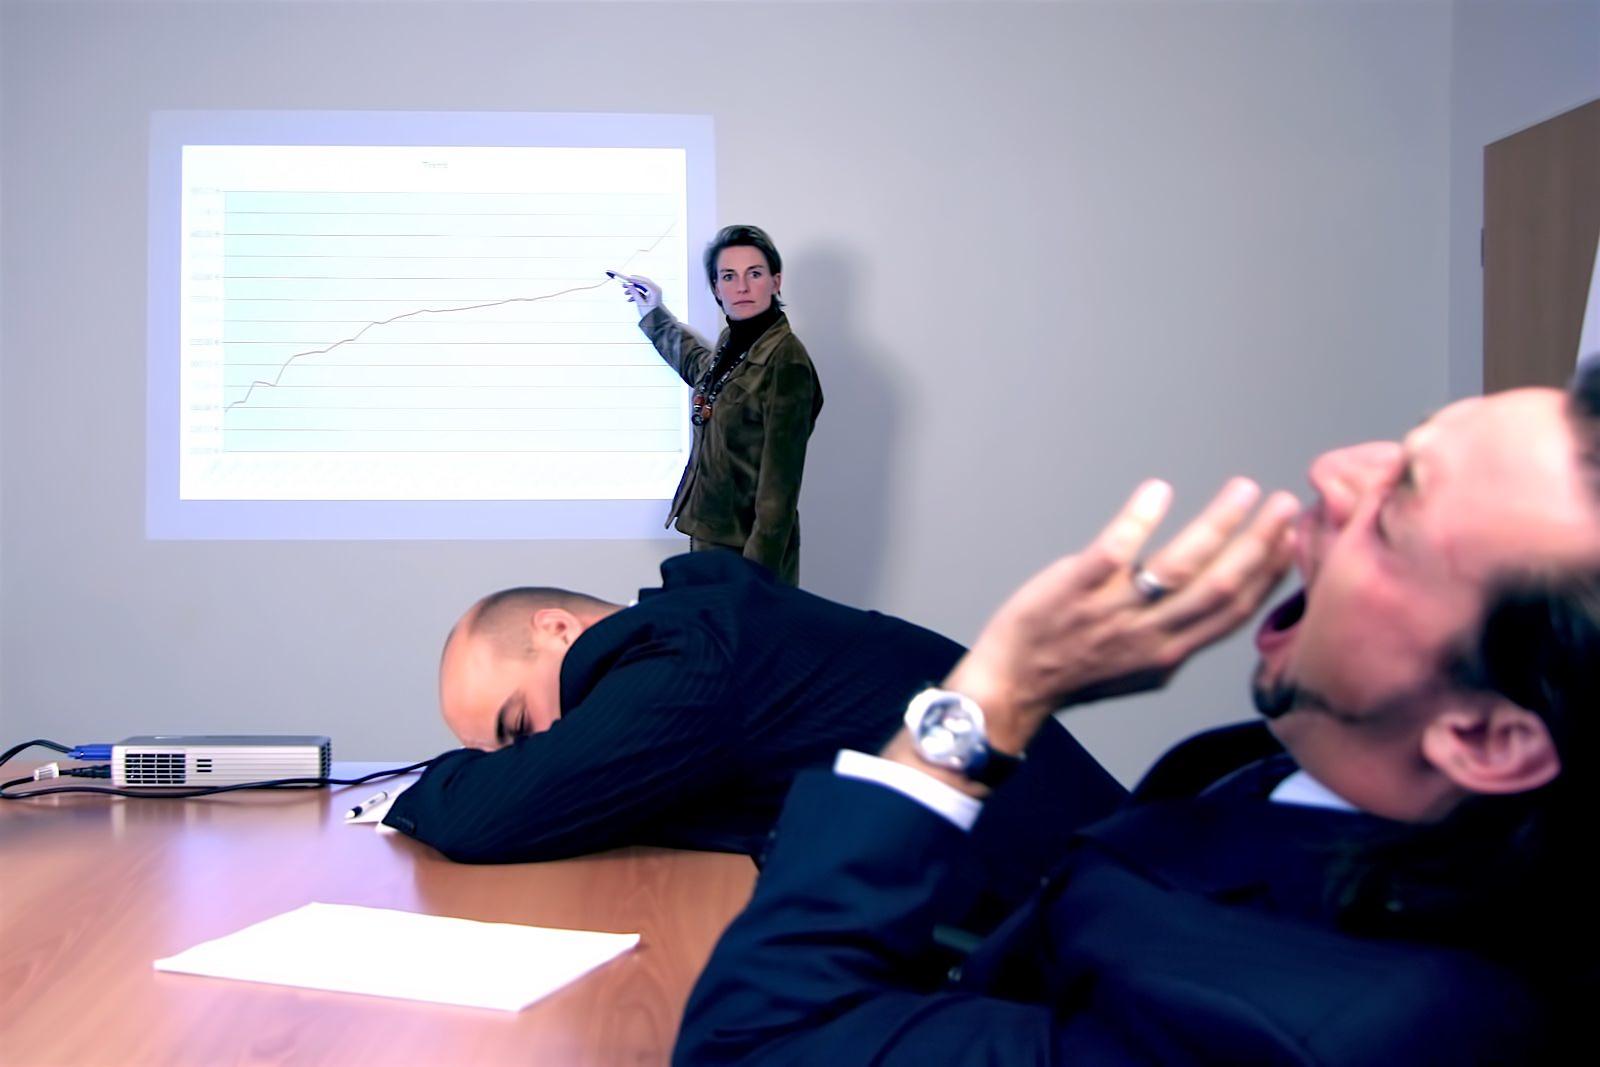 Публичное выступление виды особенности правила как научиться Лучшие примеры для разработки любой презентации